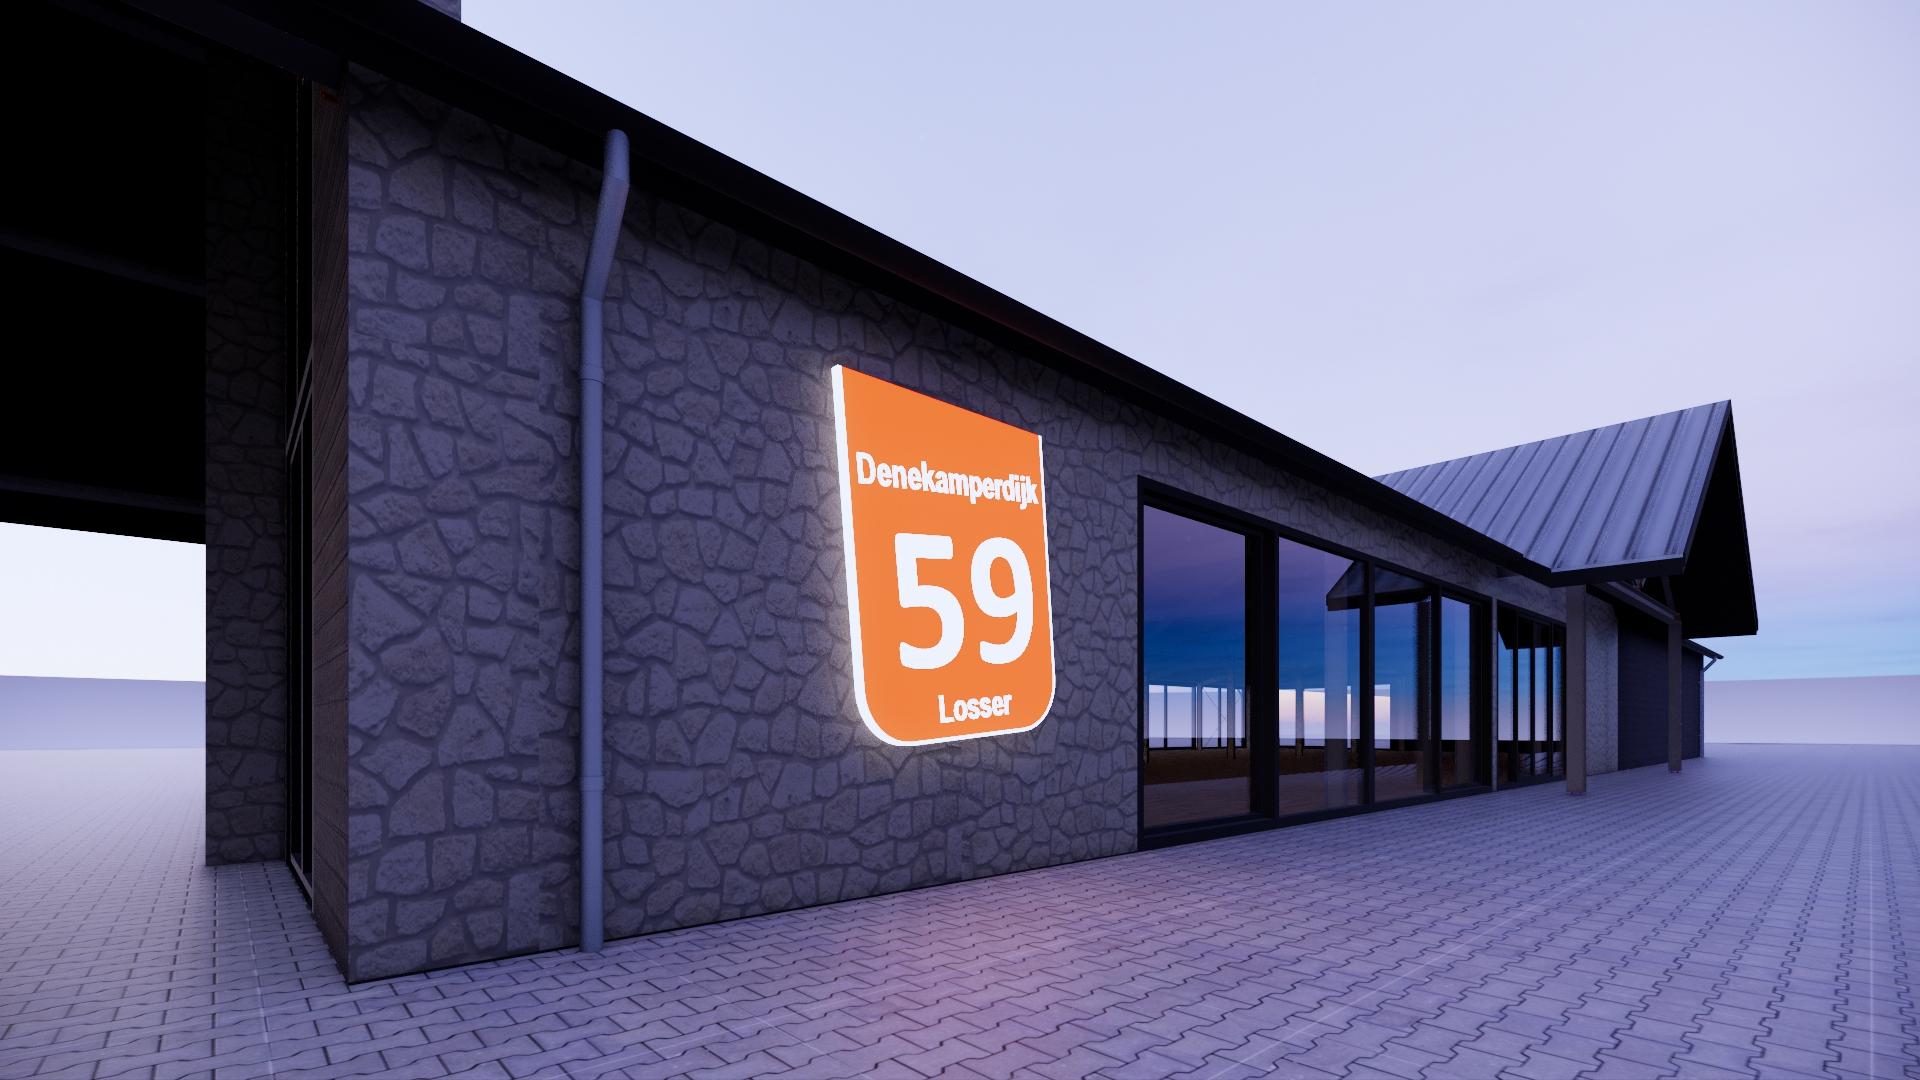 Denekamperdijk 59, Losser